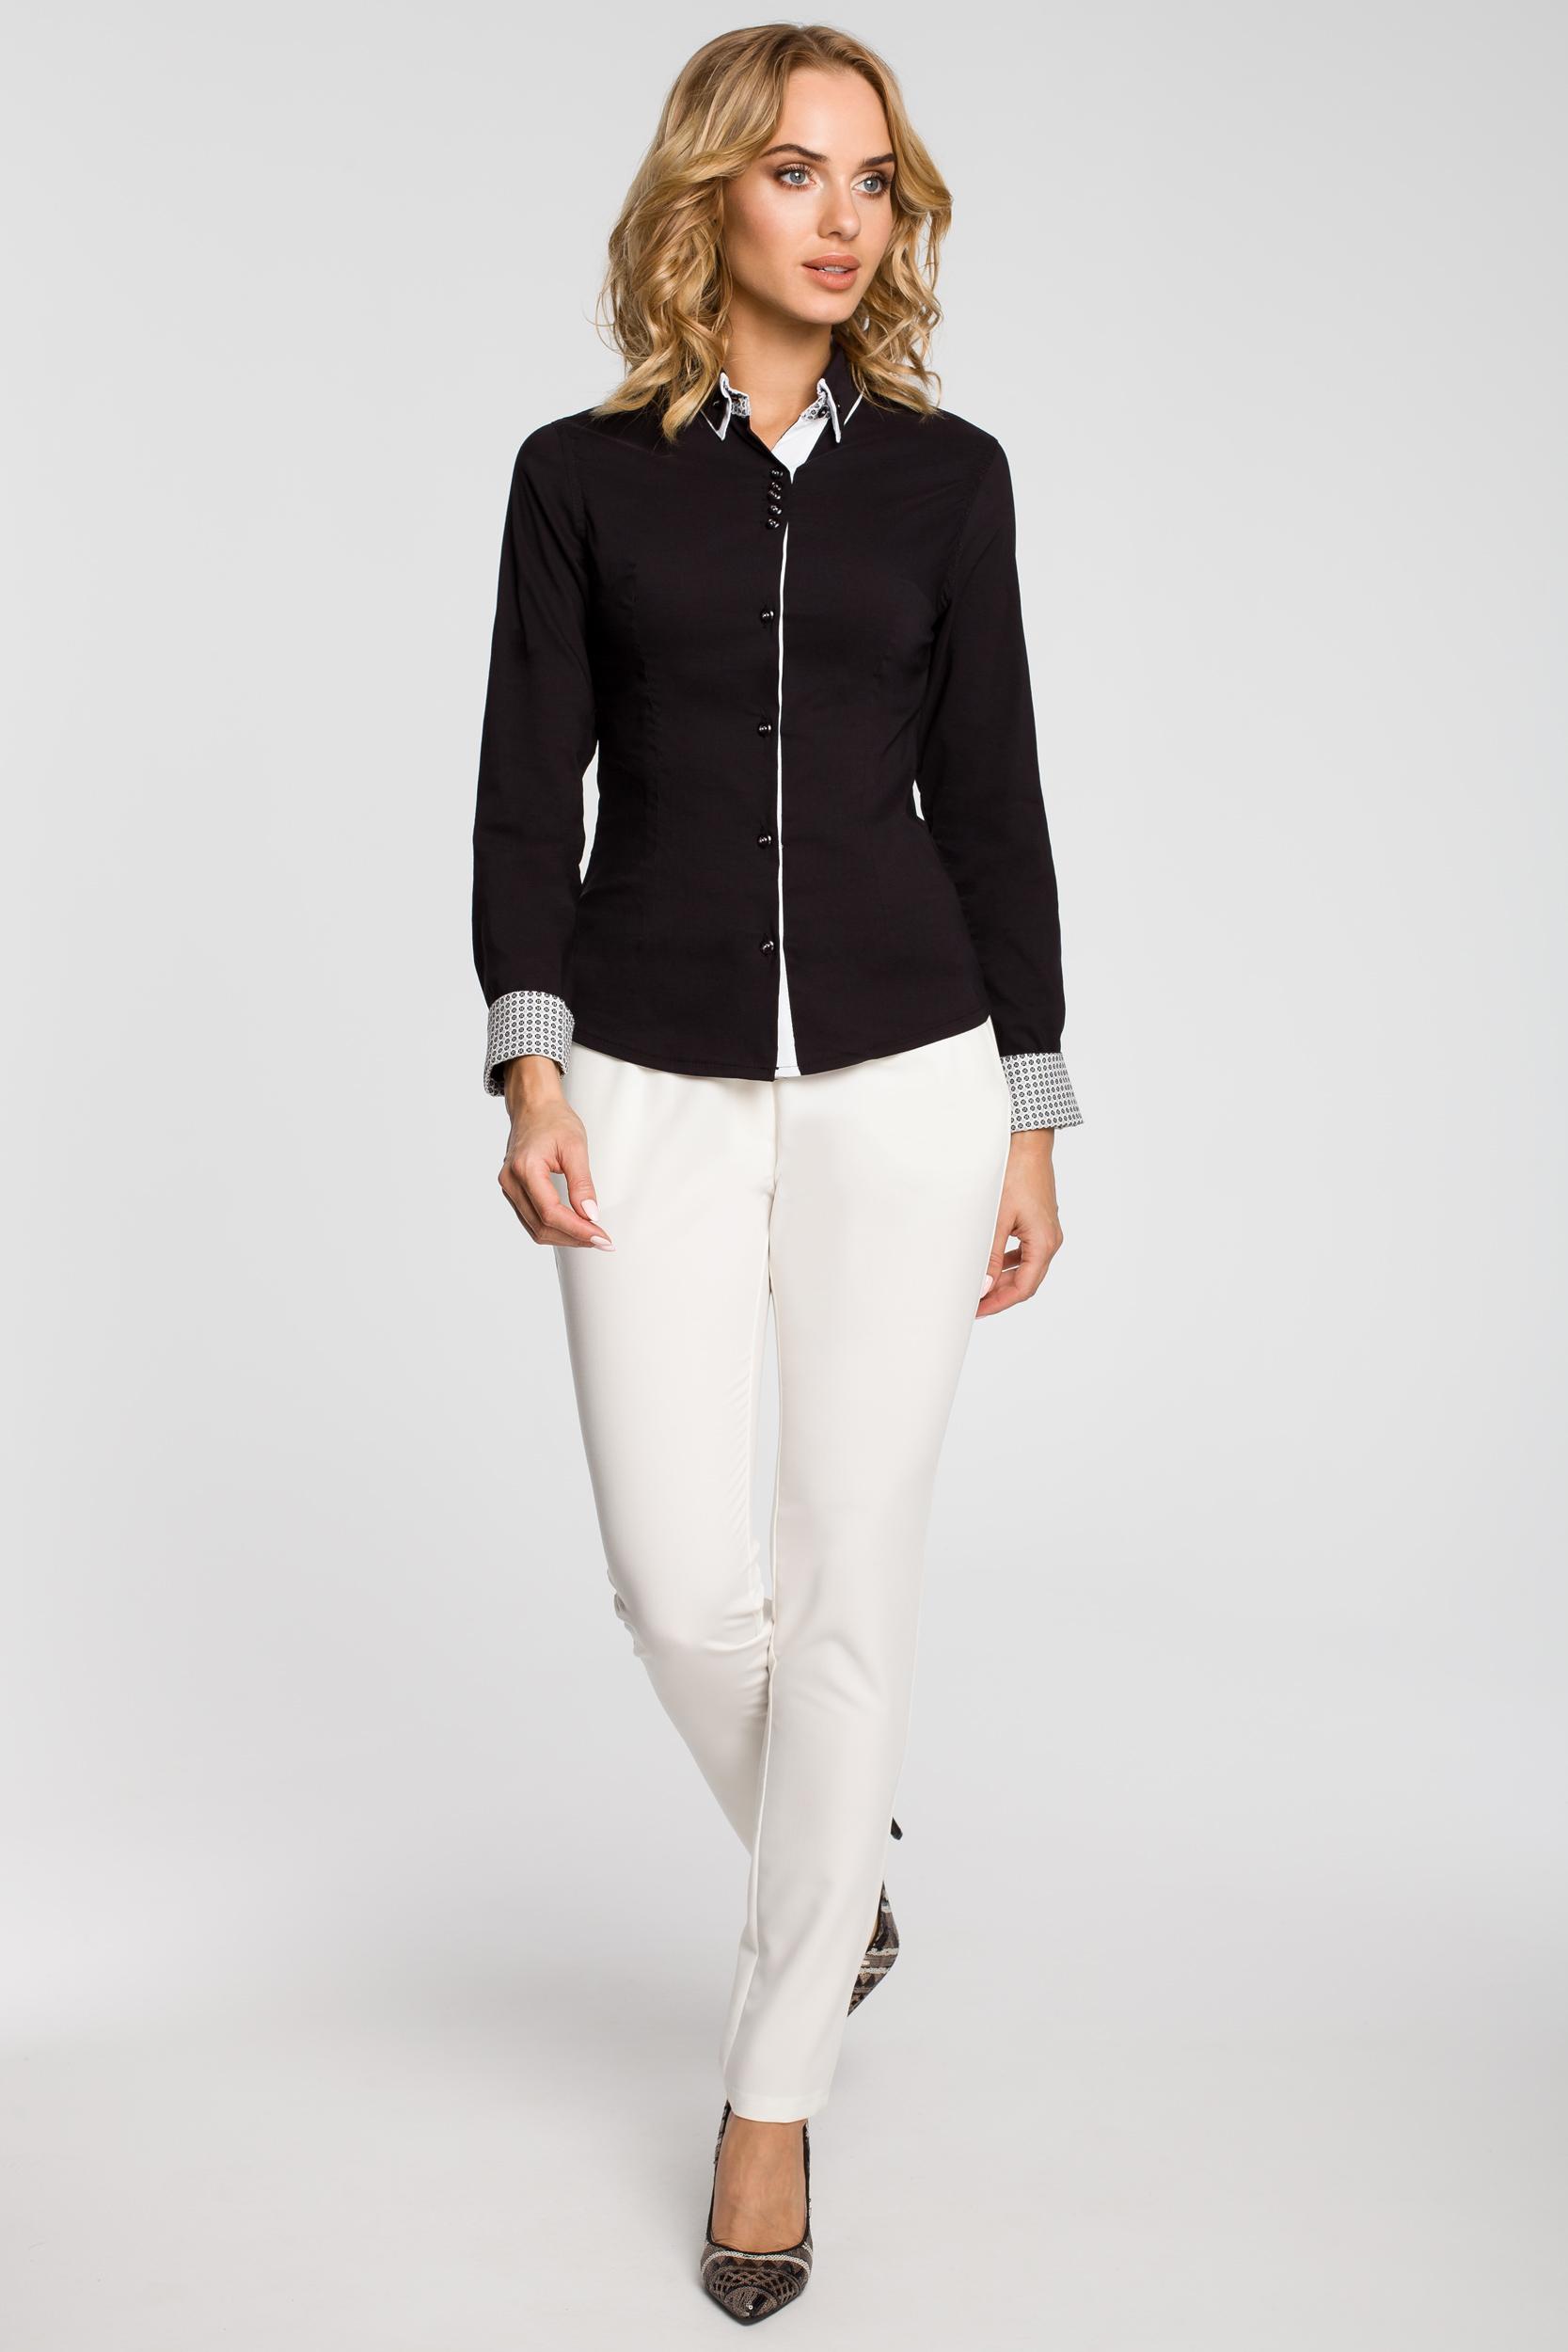 CM0665 Koszula damska z podwójnym kołnierzykiem w kontrastującym  kolorze - czarna